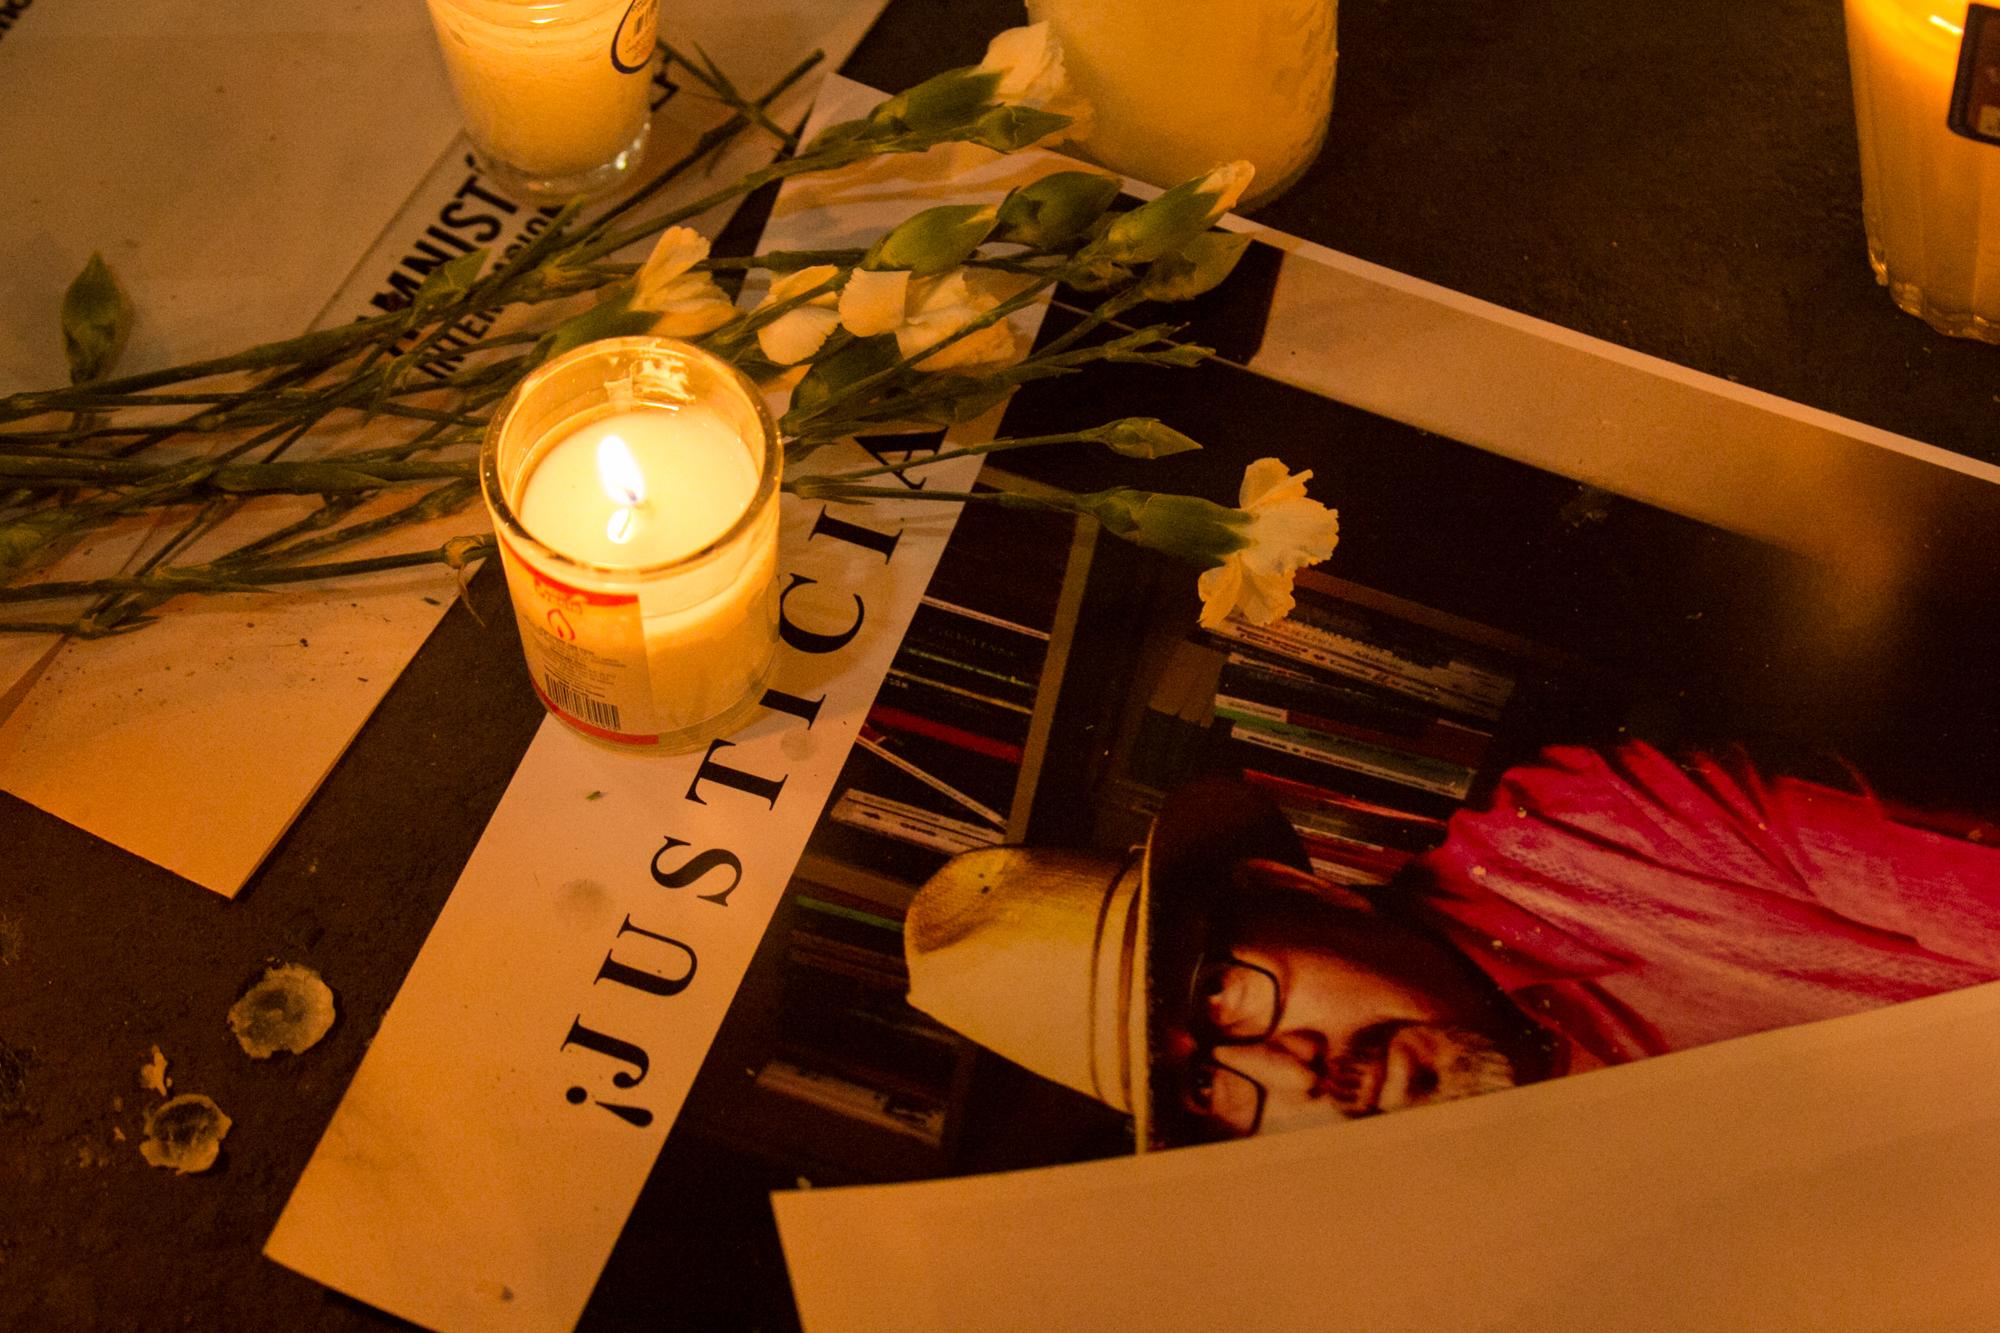 Estudiantes de periodismo; fotógrafos; camarógrafos e integrantes de la sociedad civil se congregaron a la entrada de la Secretaría de Gobernación para protestar en contra del asesinato del periodista Javier Valdez Cárdenas. FOTO CUARTOSCURO